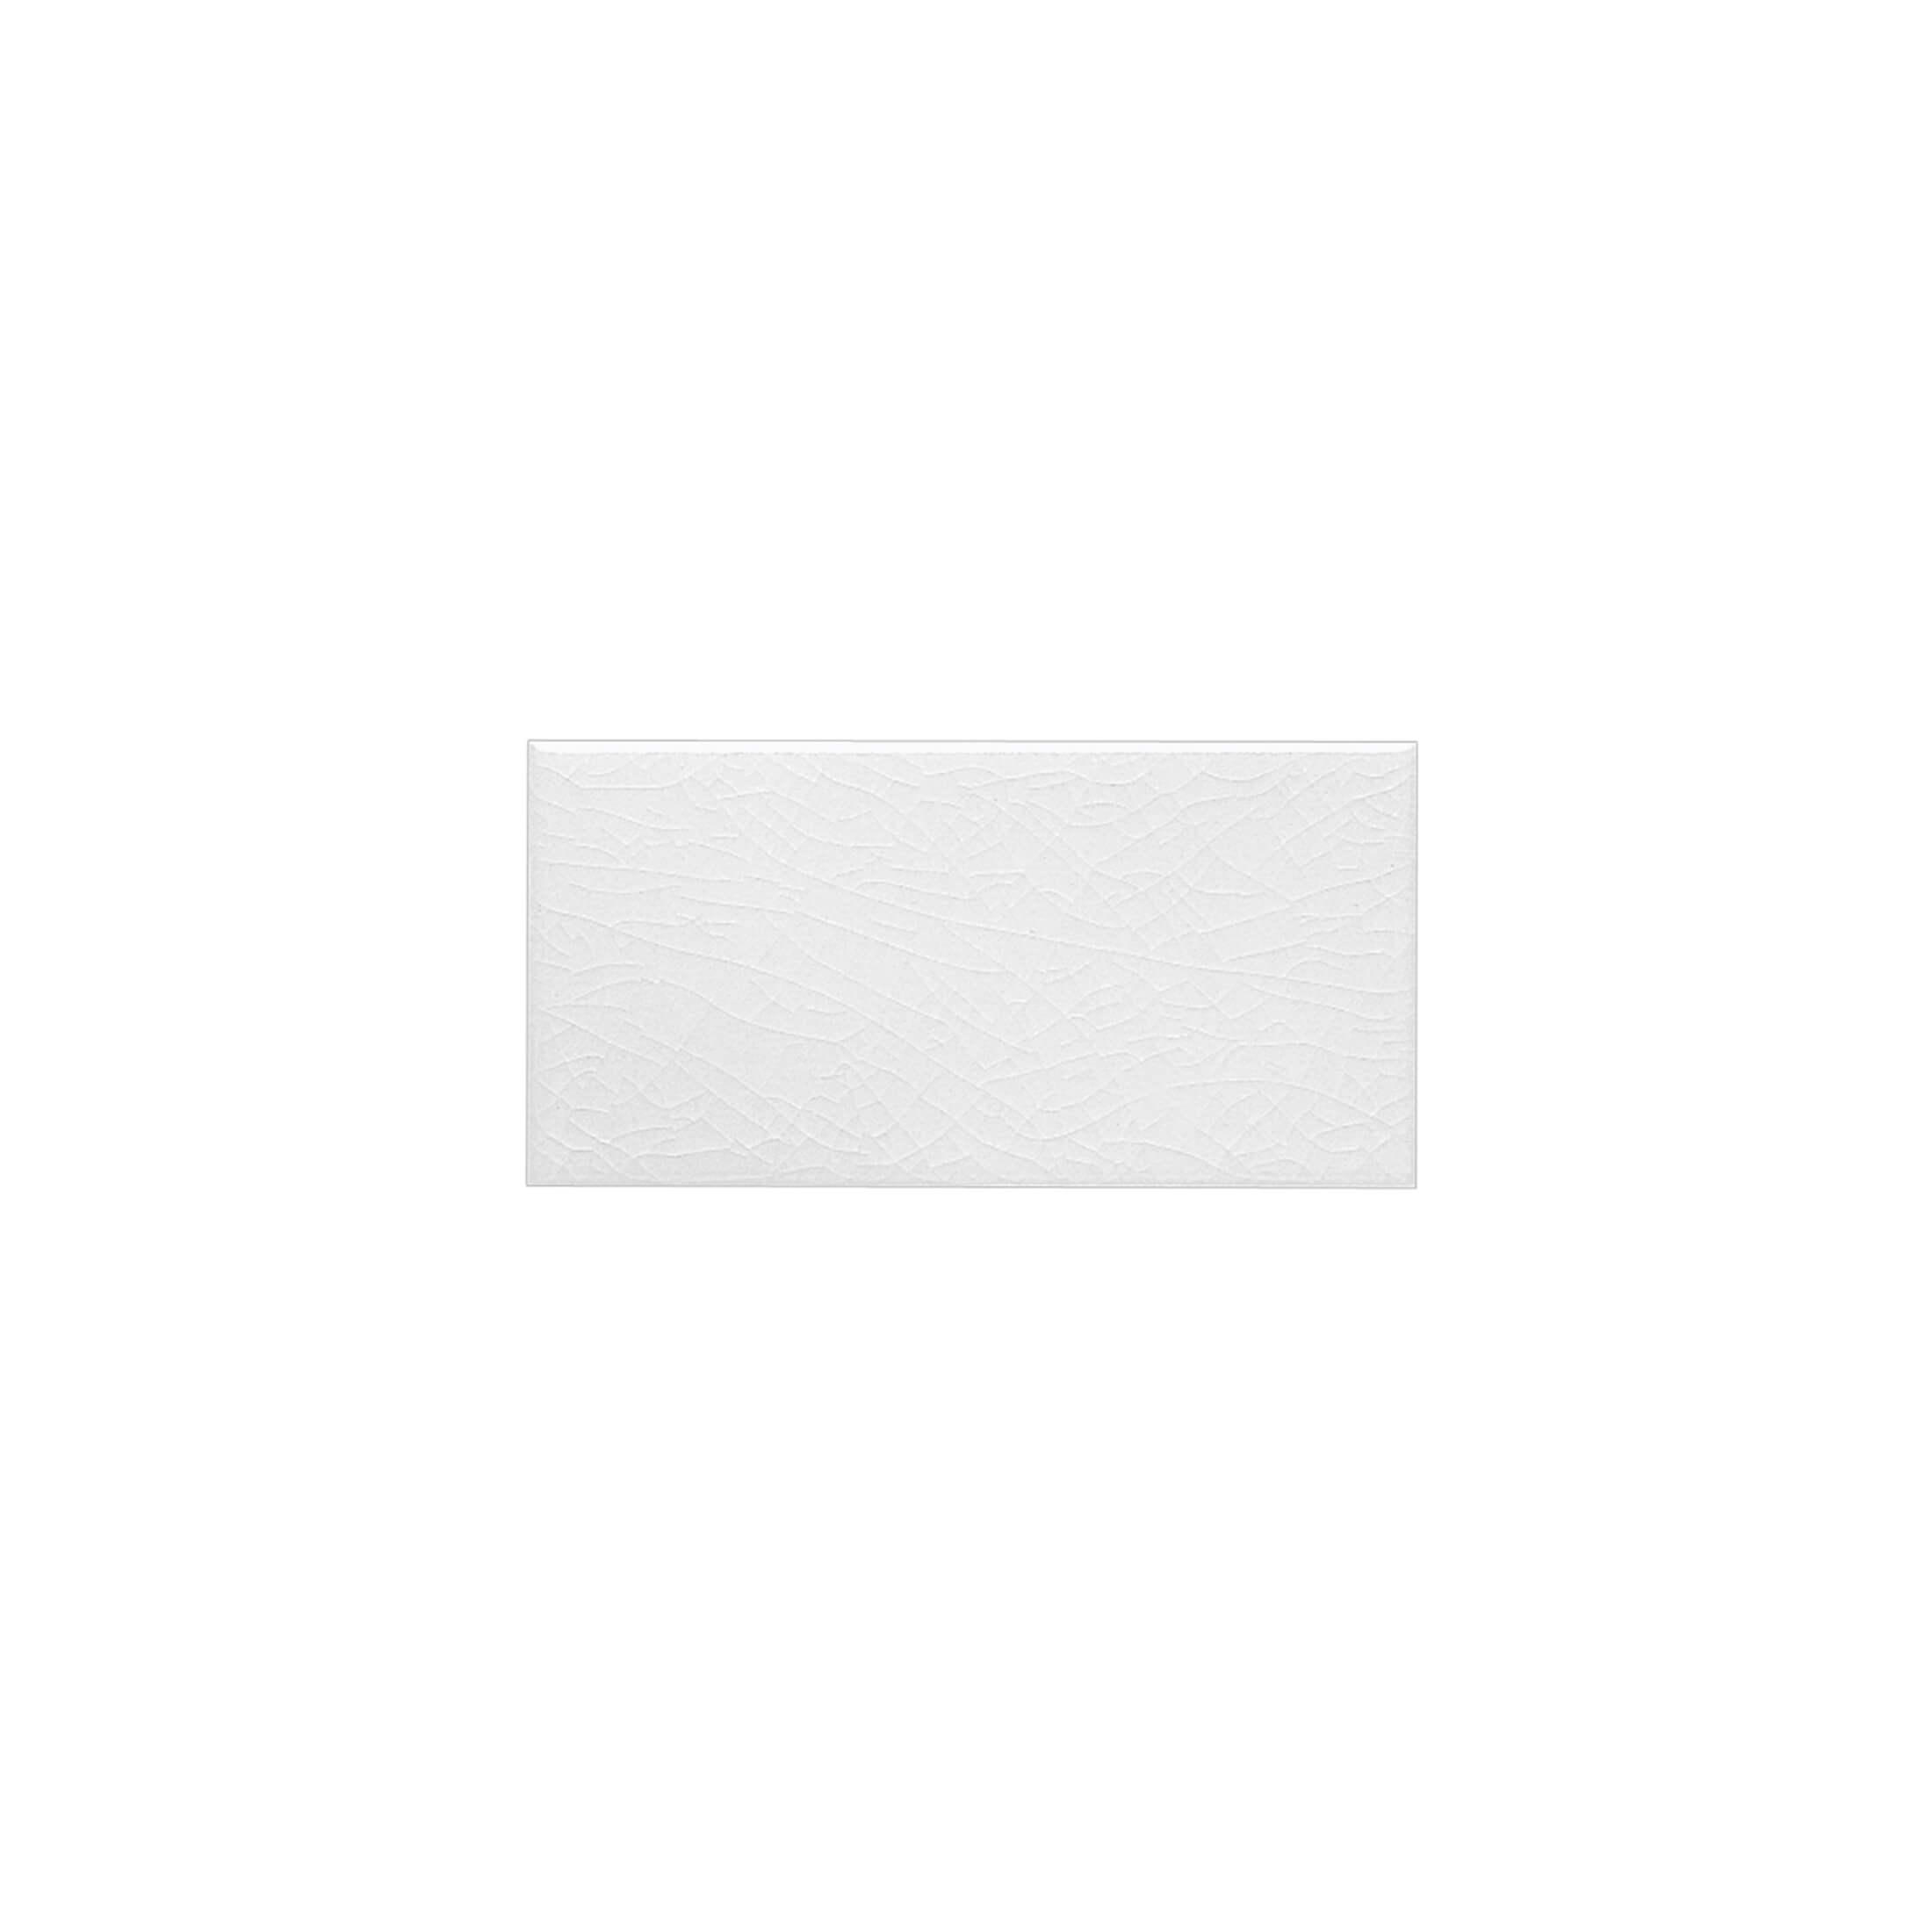 ADMO1016 - LISO PB C/C - 7.5 cm X 15 cm